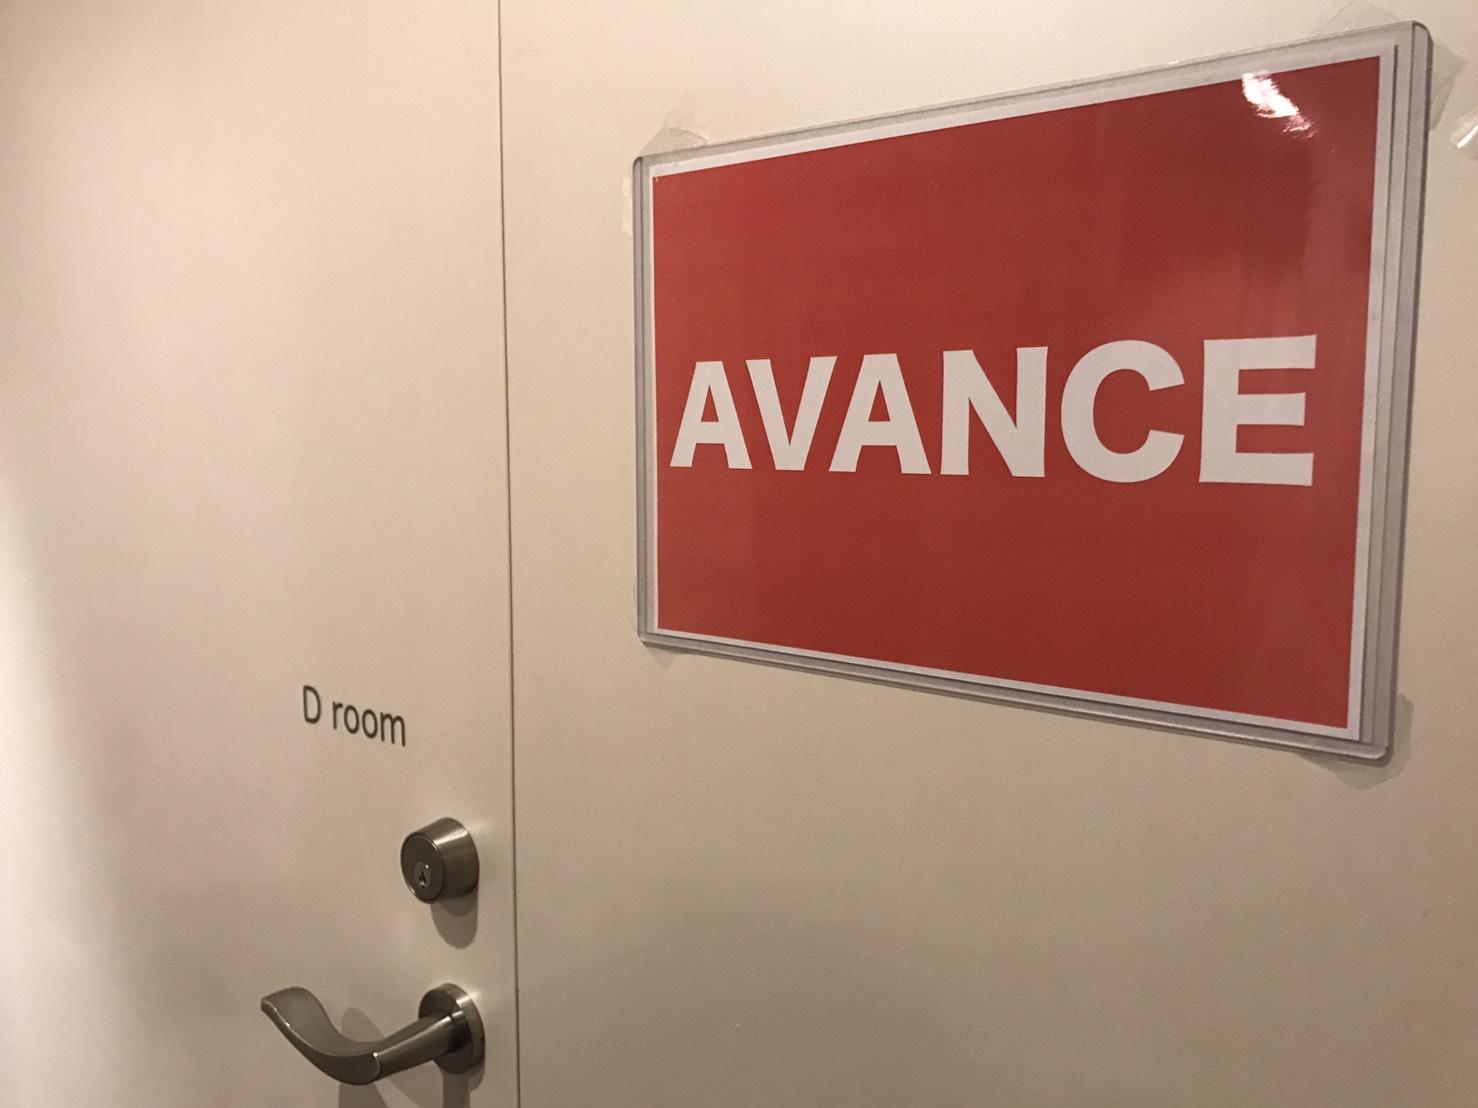 8月4日(日)【第4回】Talk AVANCE ( トークアバンセ ) 〜聞いて&聞かせて みんなの恋愛〜